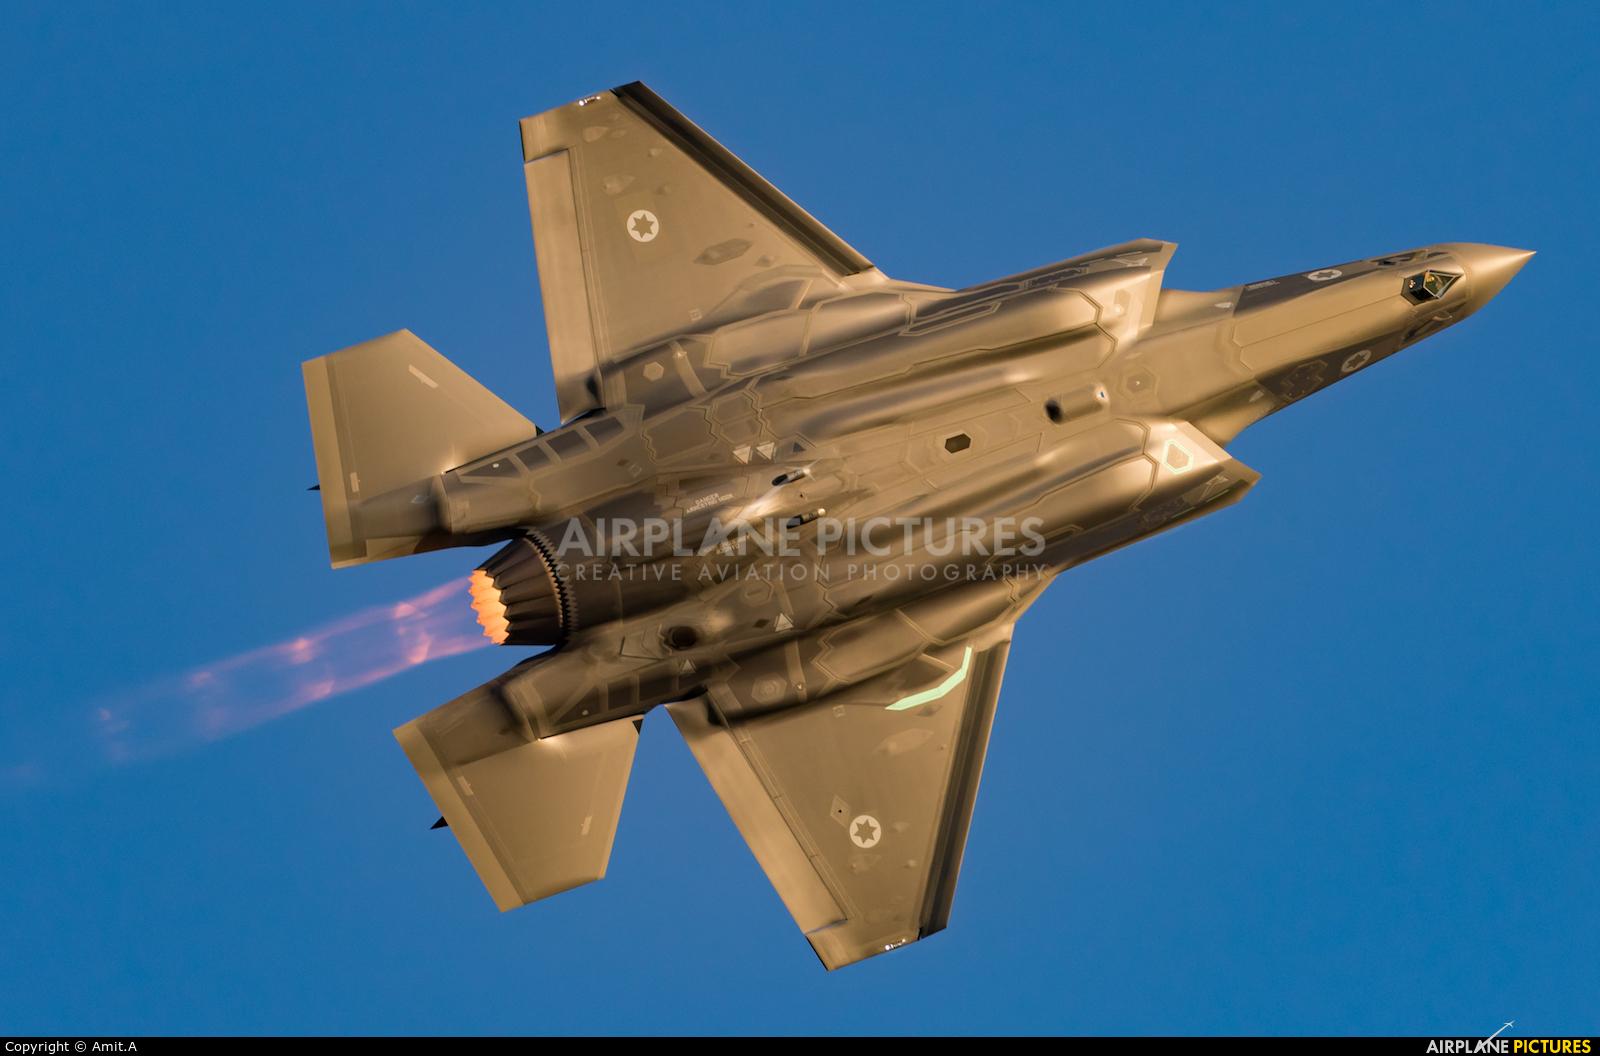 Israel - Defence Force 901 aircraft at Beersheba - Hatzerim